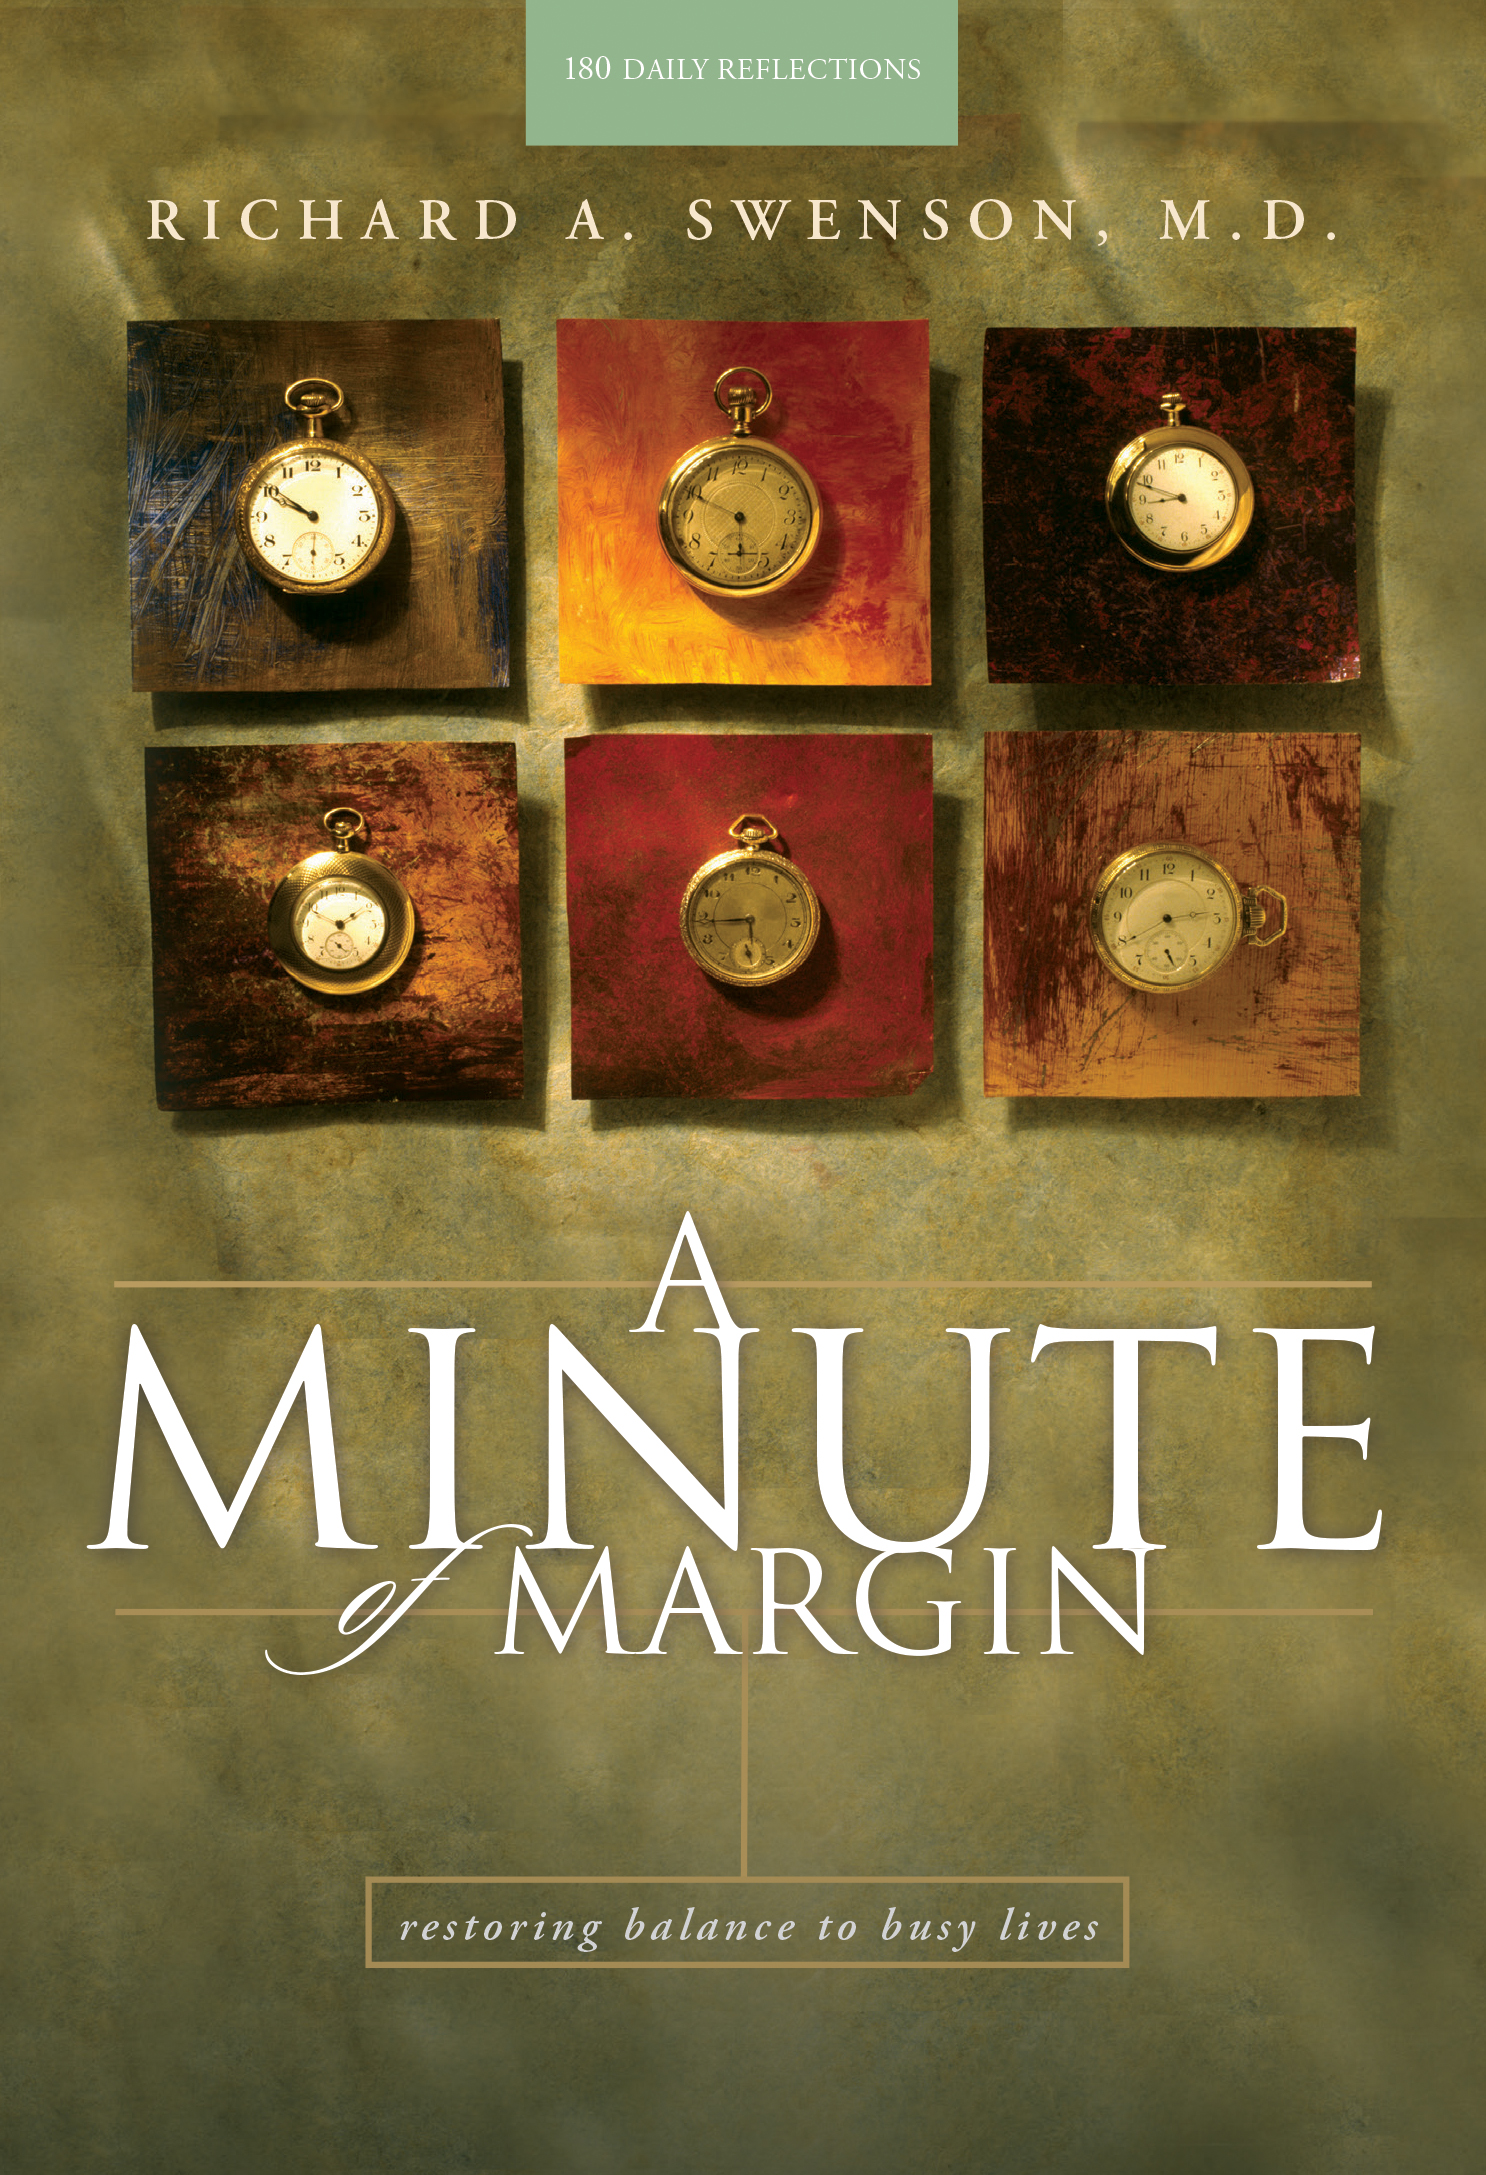 A Minute of Margin